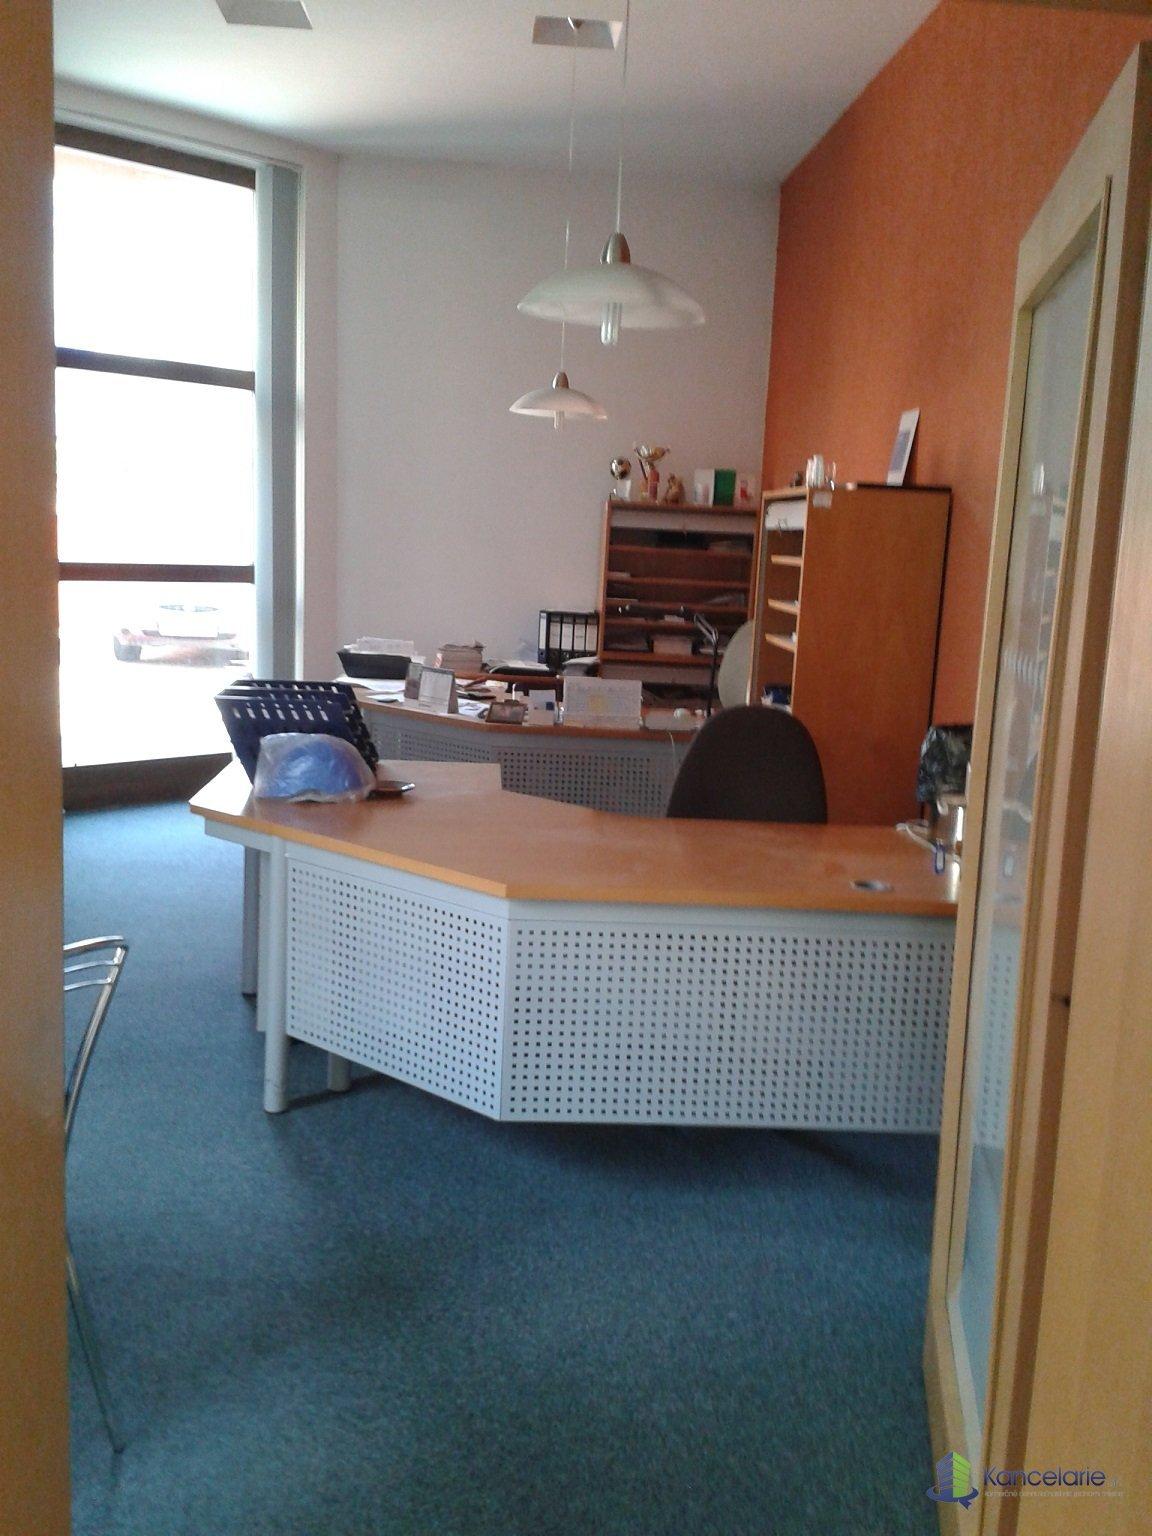 Allianz - Slovenská poisťovňa, a.s., kancelária č.113, Teplická 28, Piešťany